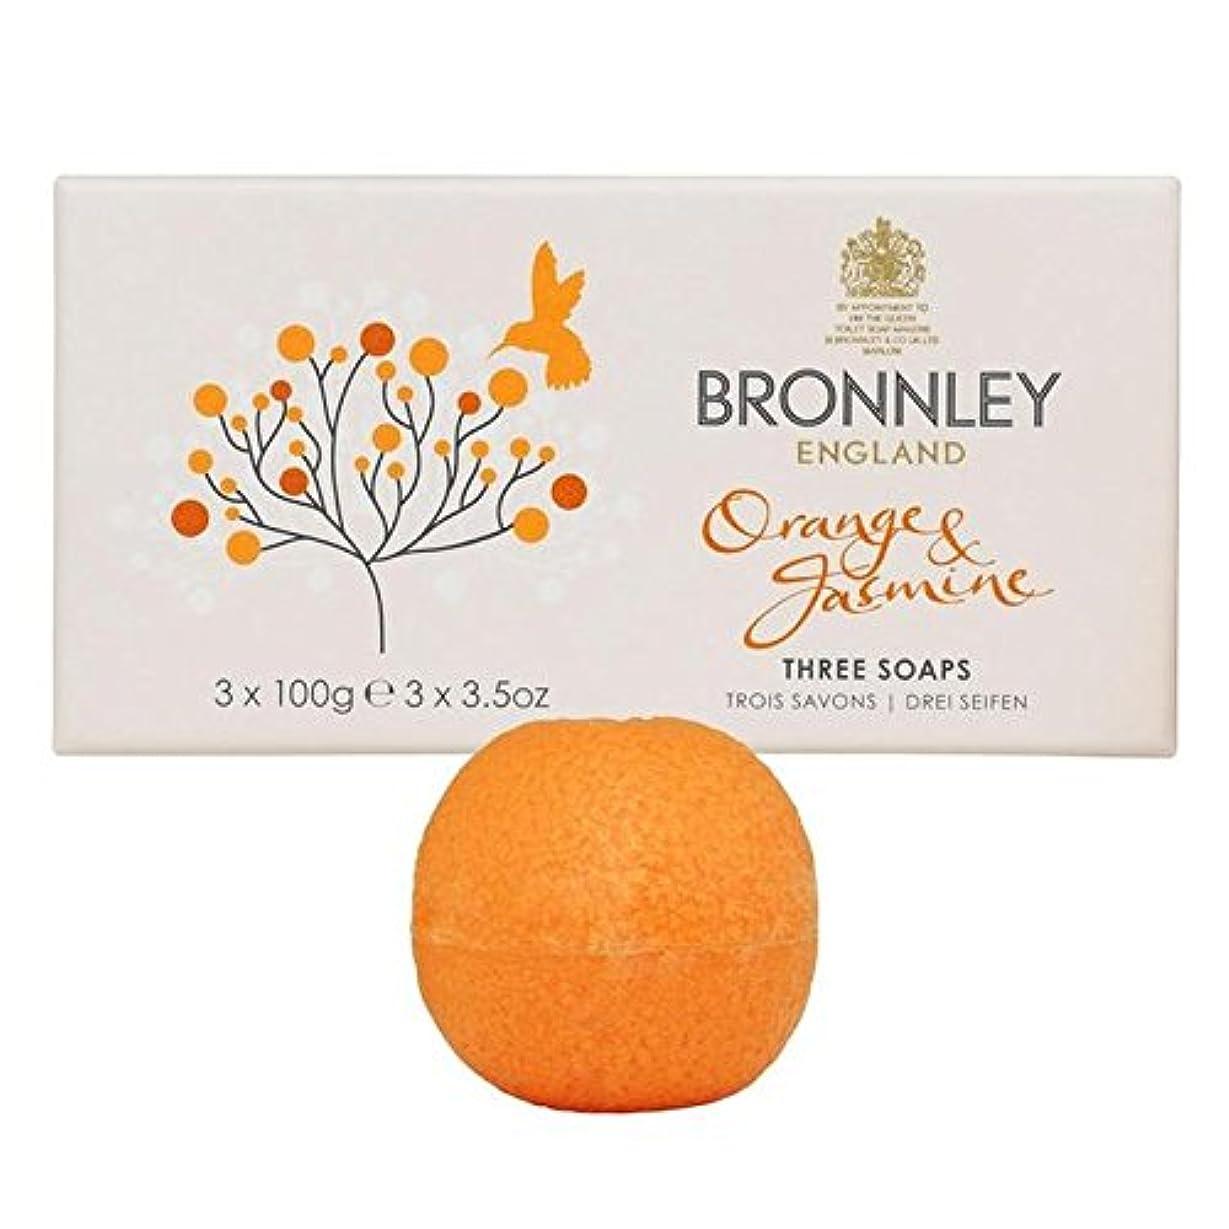 試みるボトル私たち自身Bronnley Orange & Jasmine Soaps 3 x 100g (Pack of 6) - オレンジ&ジャスミン石鹸3×100グラム x6 [並行輸入品]